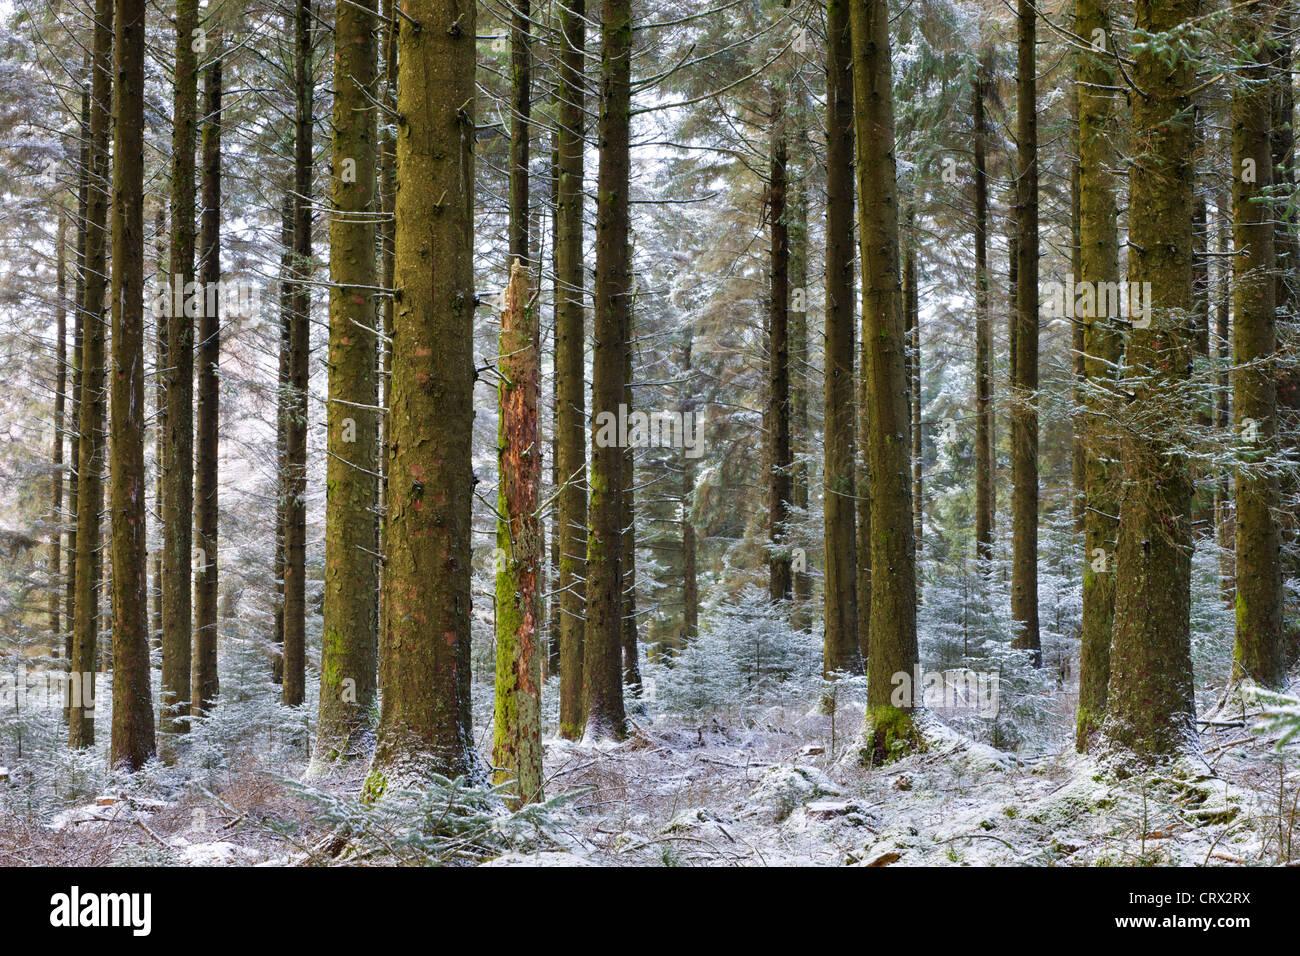 Neve spolverato di bosco di pino a Fernworthy Foresta, Parco Nazionale di Dartmoor, Devon, Inghilterra. Inverno Immagini Stock